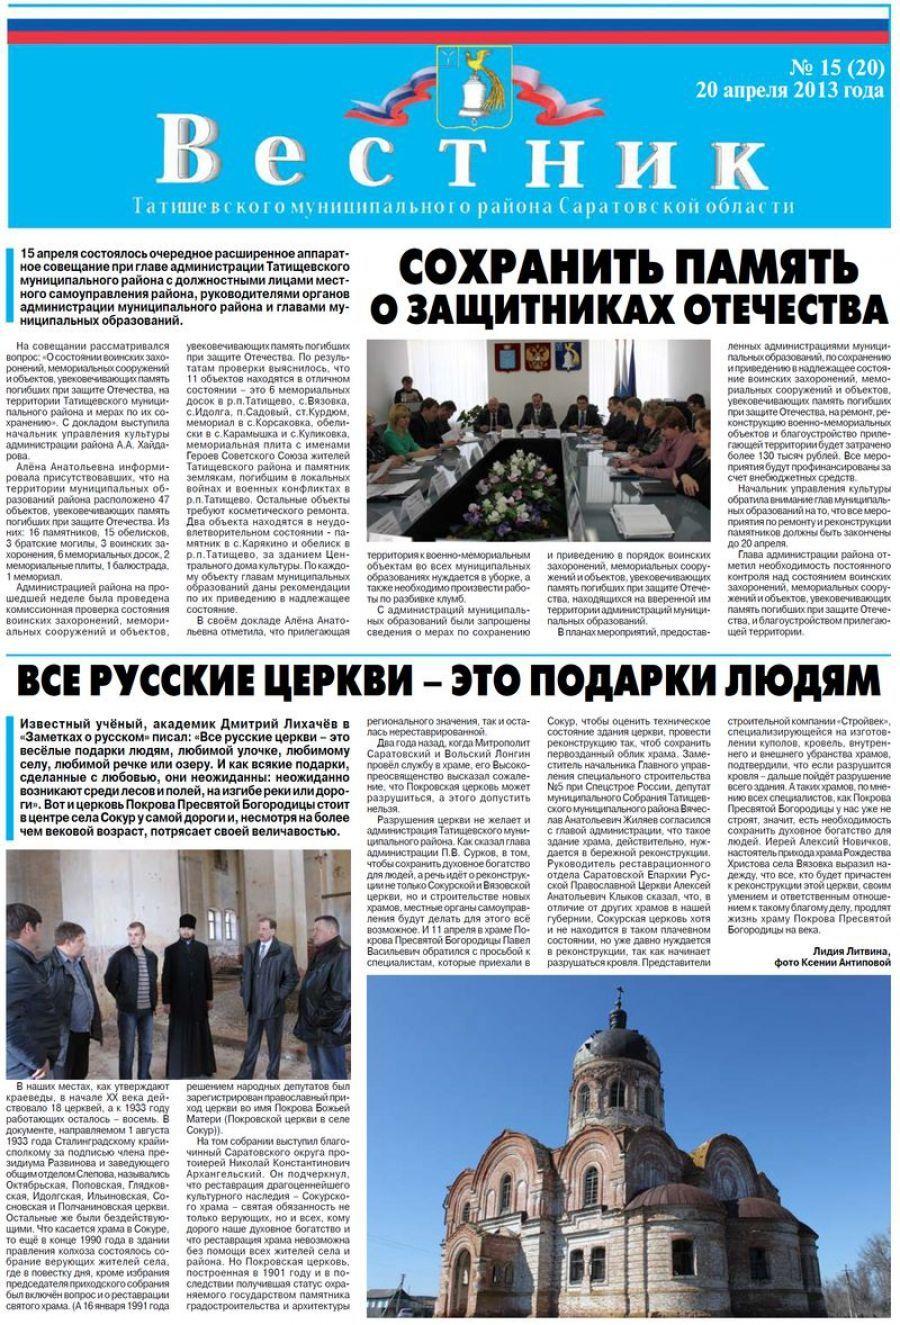 Читайте в очередном номере газеты «Вестник»!